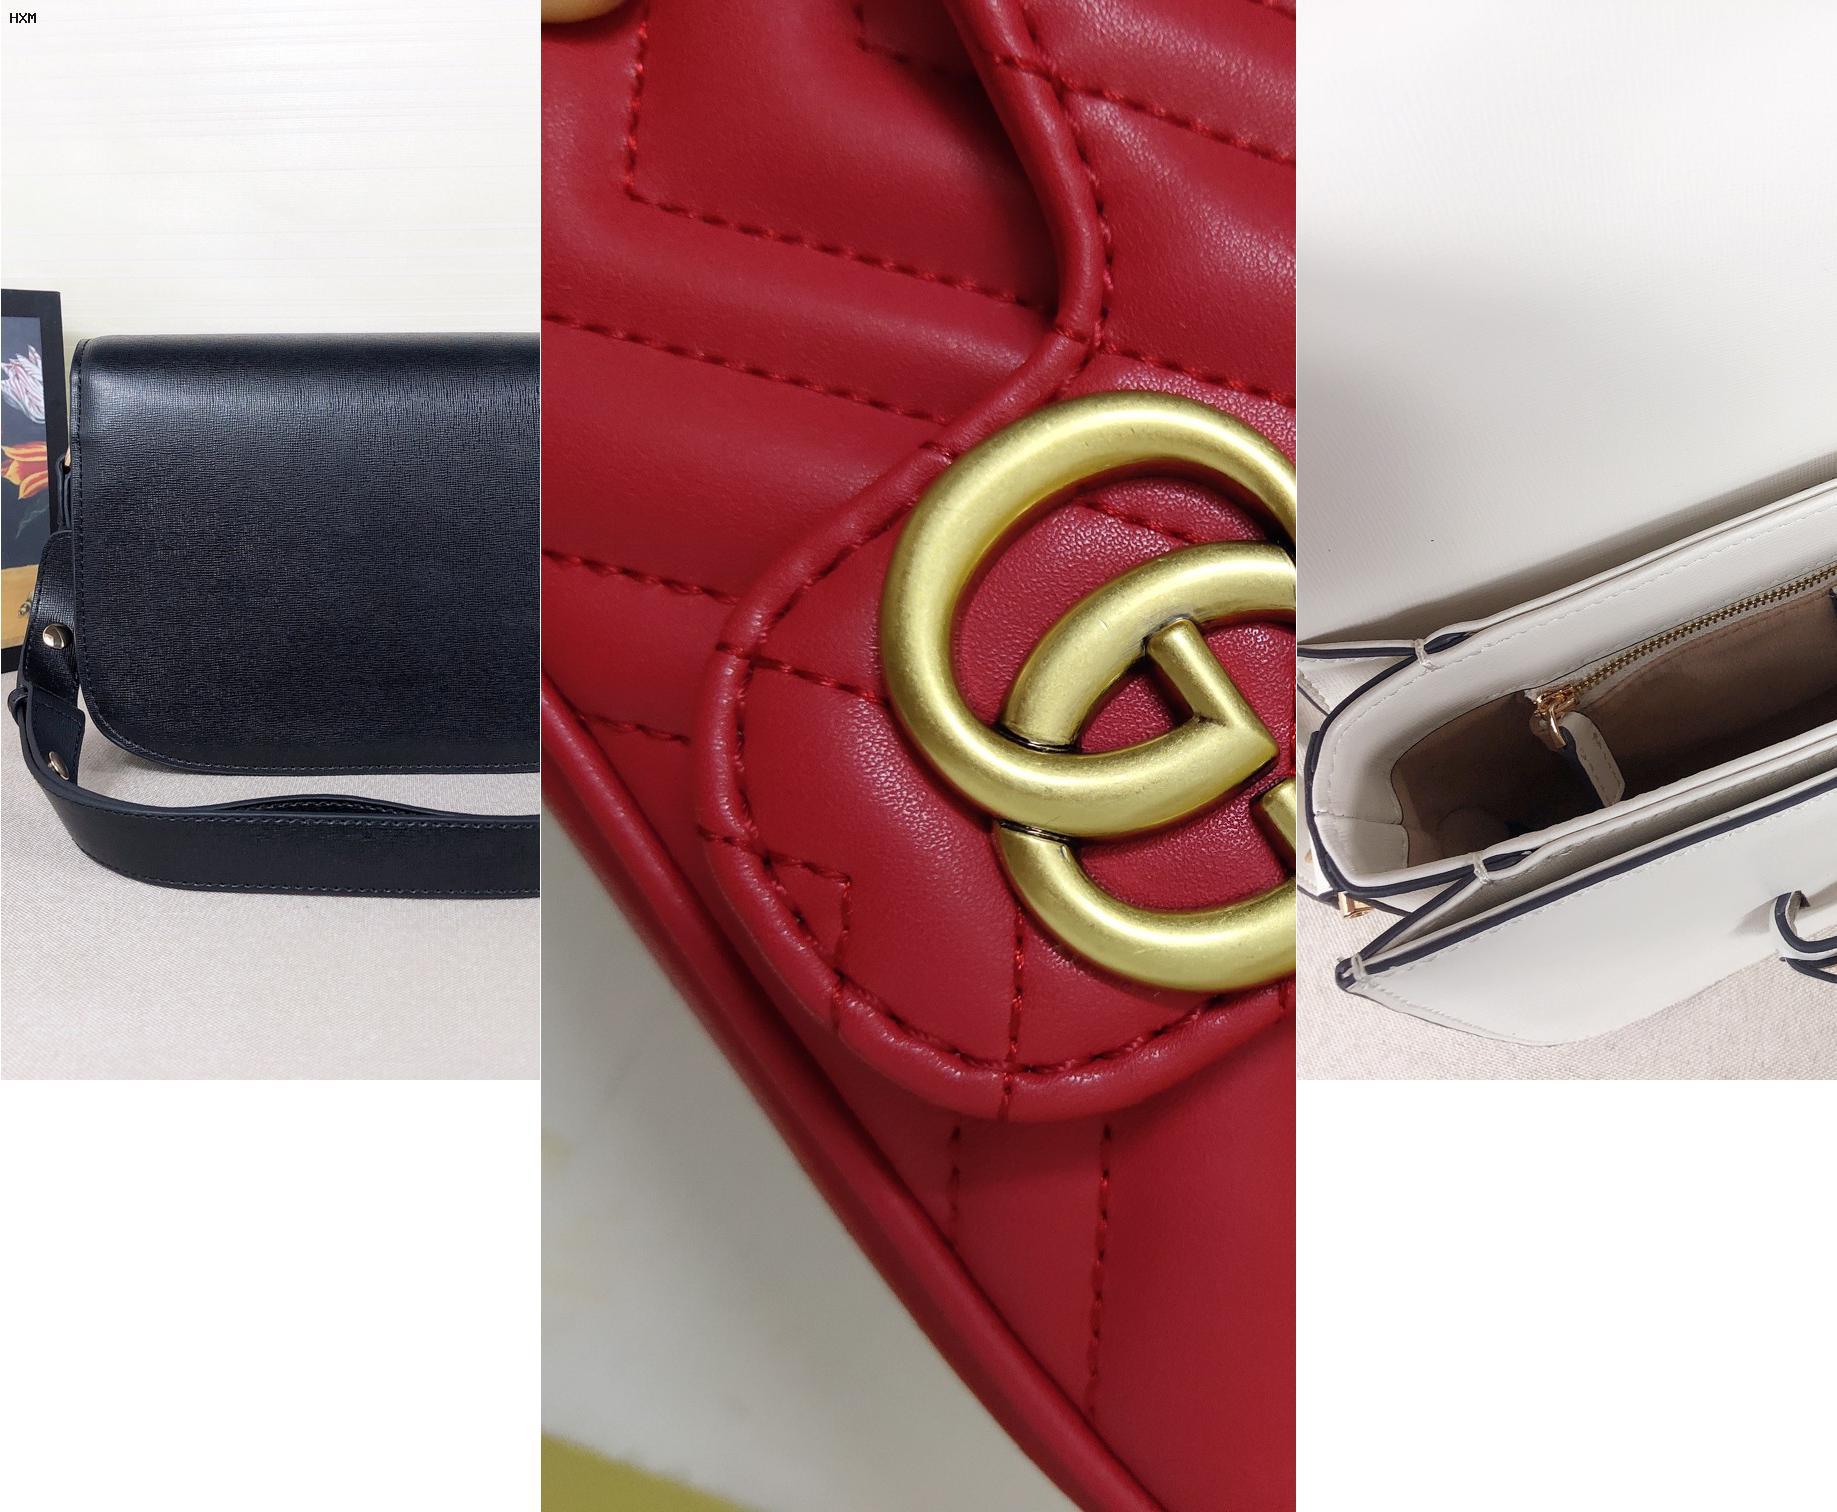 modelos de zapatillas gucci originales